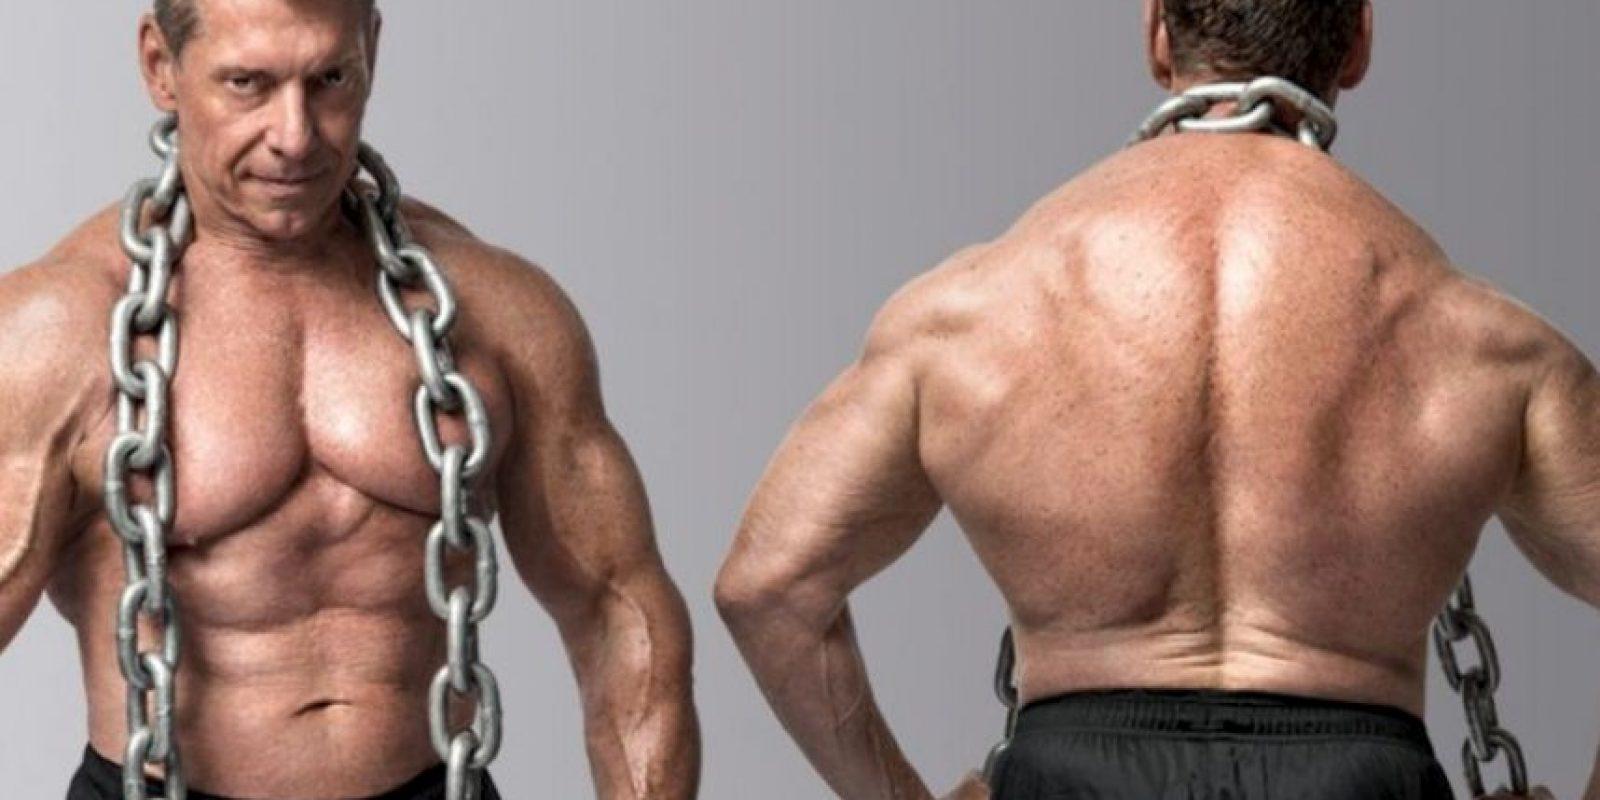 """Vince presumió su cuerpo trabajado en la última edición de """"Muscle & Fitness"""" Foto:Muscle & Fitness"""